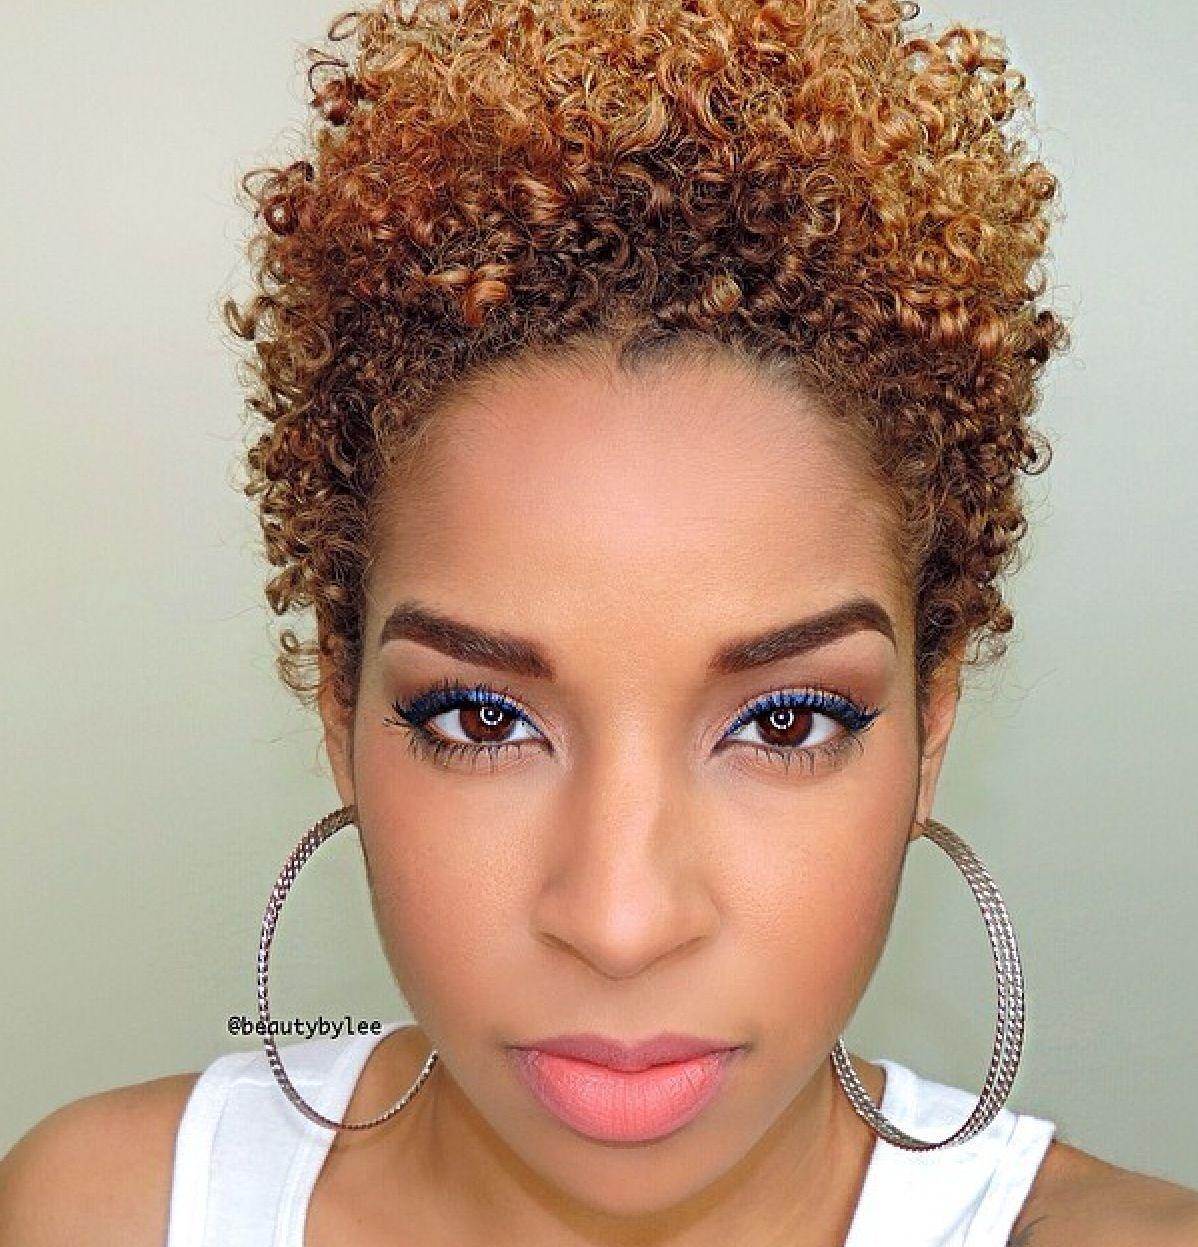 Pin By Caretha German On Natural Hair Inspiration Curly Hair Styles Naturally Short Natural Hair Styles Curly Hair Styles